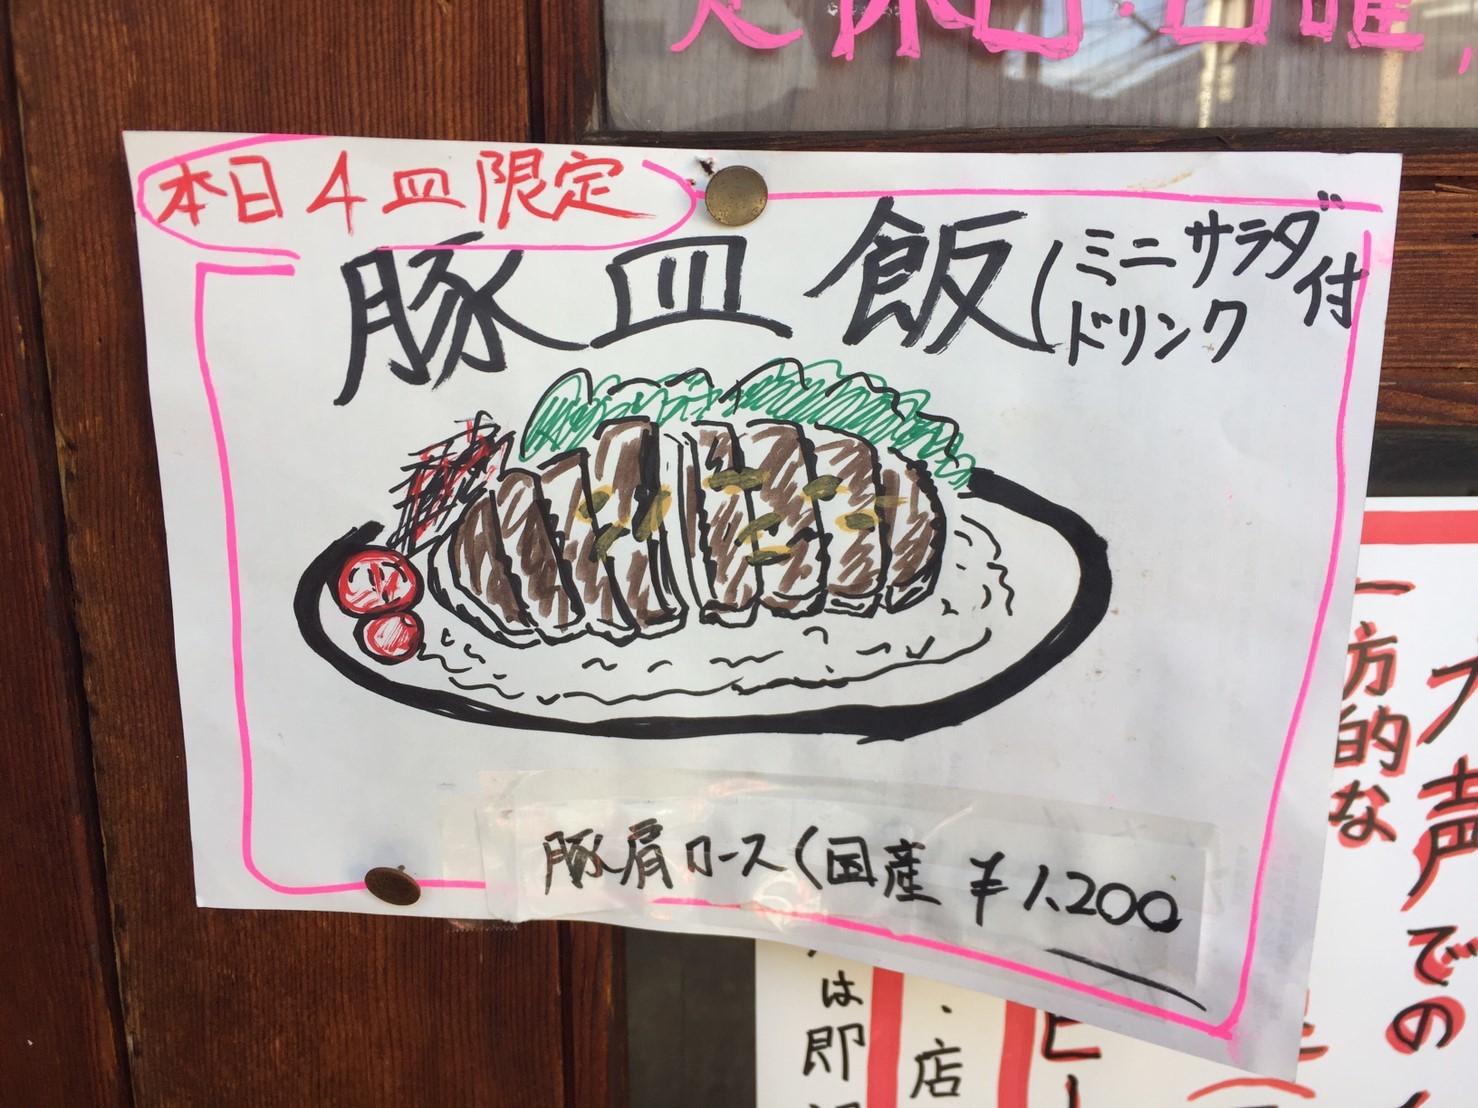 喫茶 1er ぷるみえ (4食限定 豚皿飯)_e0115904_17575341.jpg